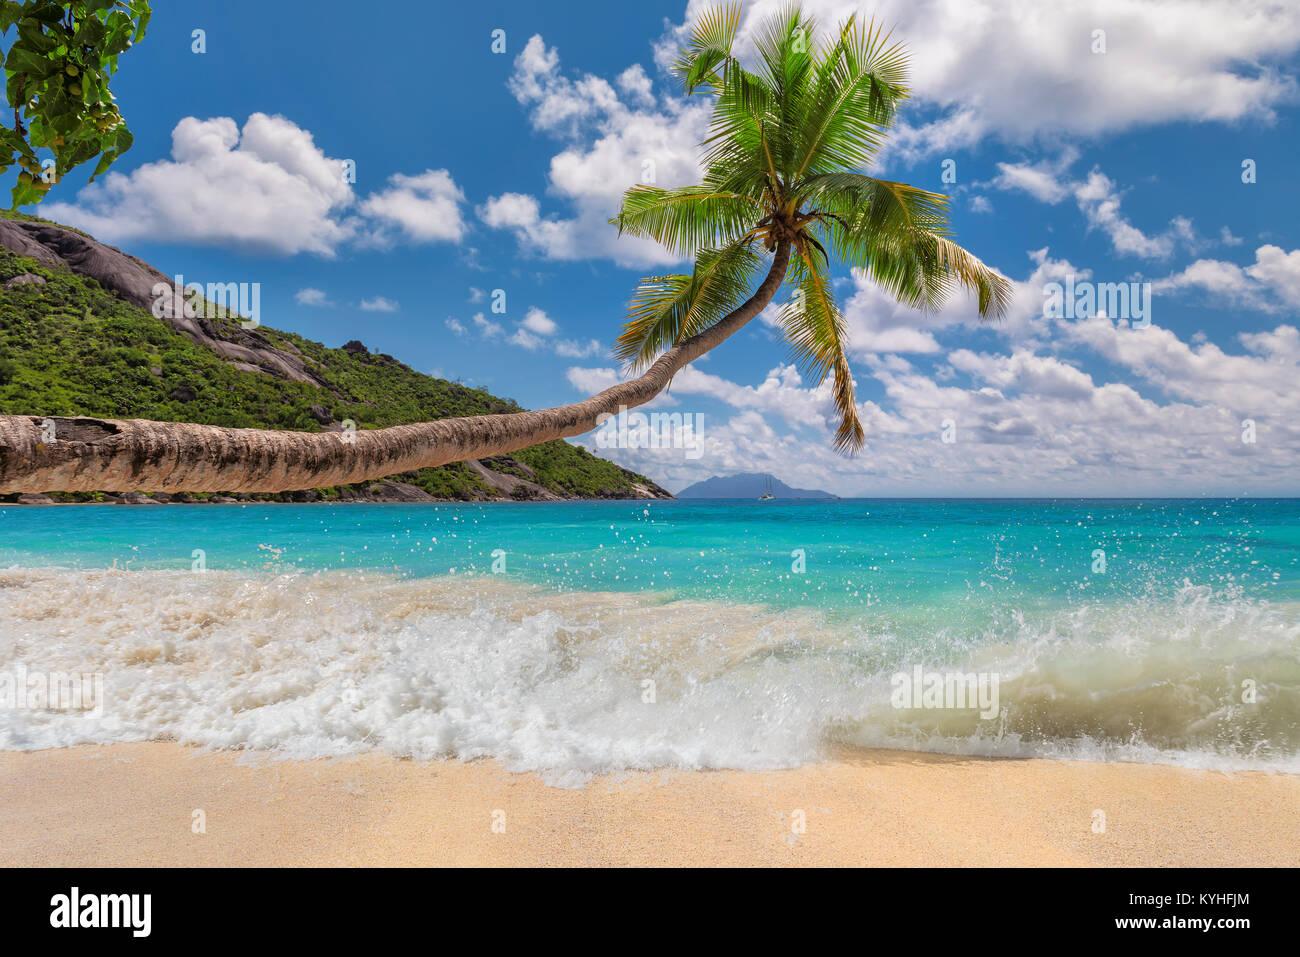 Tropischen Sandstrand mit Palmen. Stockbild